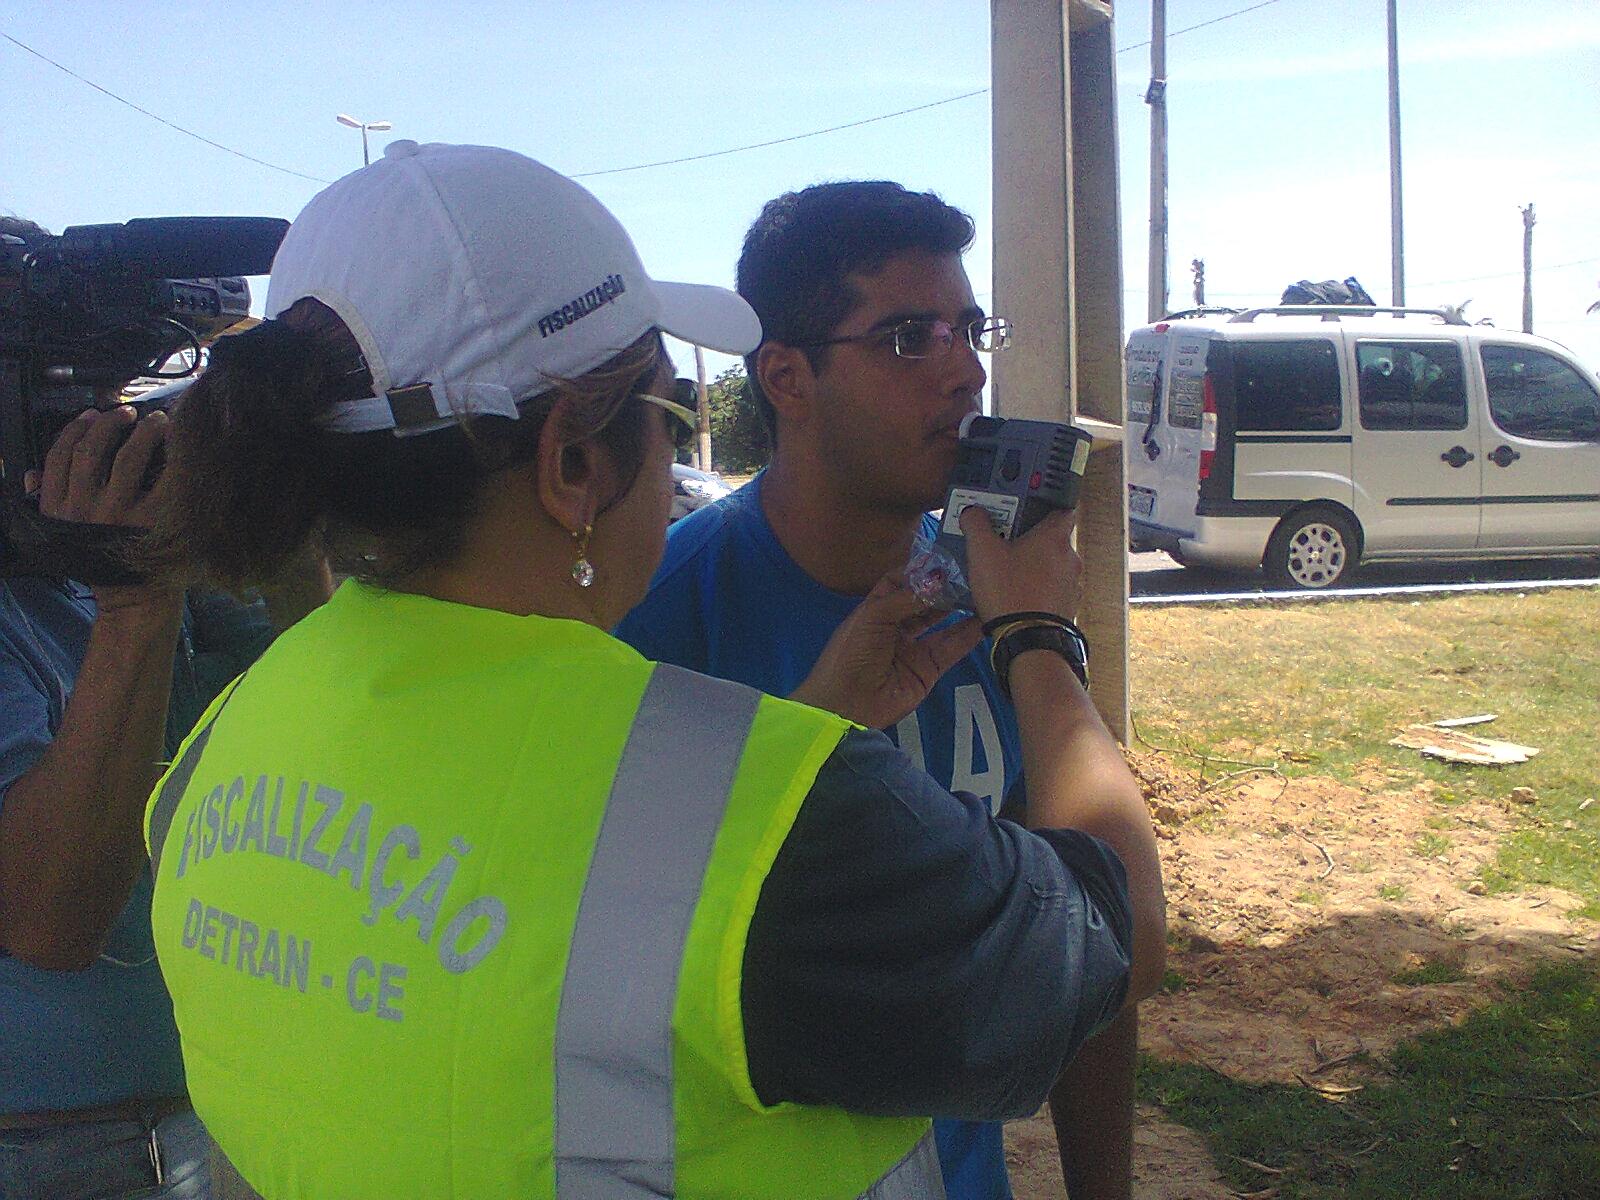 O rigor da Lei Seca apresentou resultado positivo nas rodovias estaduais (CEs) durante o Carnaval, de acordo com o Departamento Estadual de Trânsito (Detran).